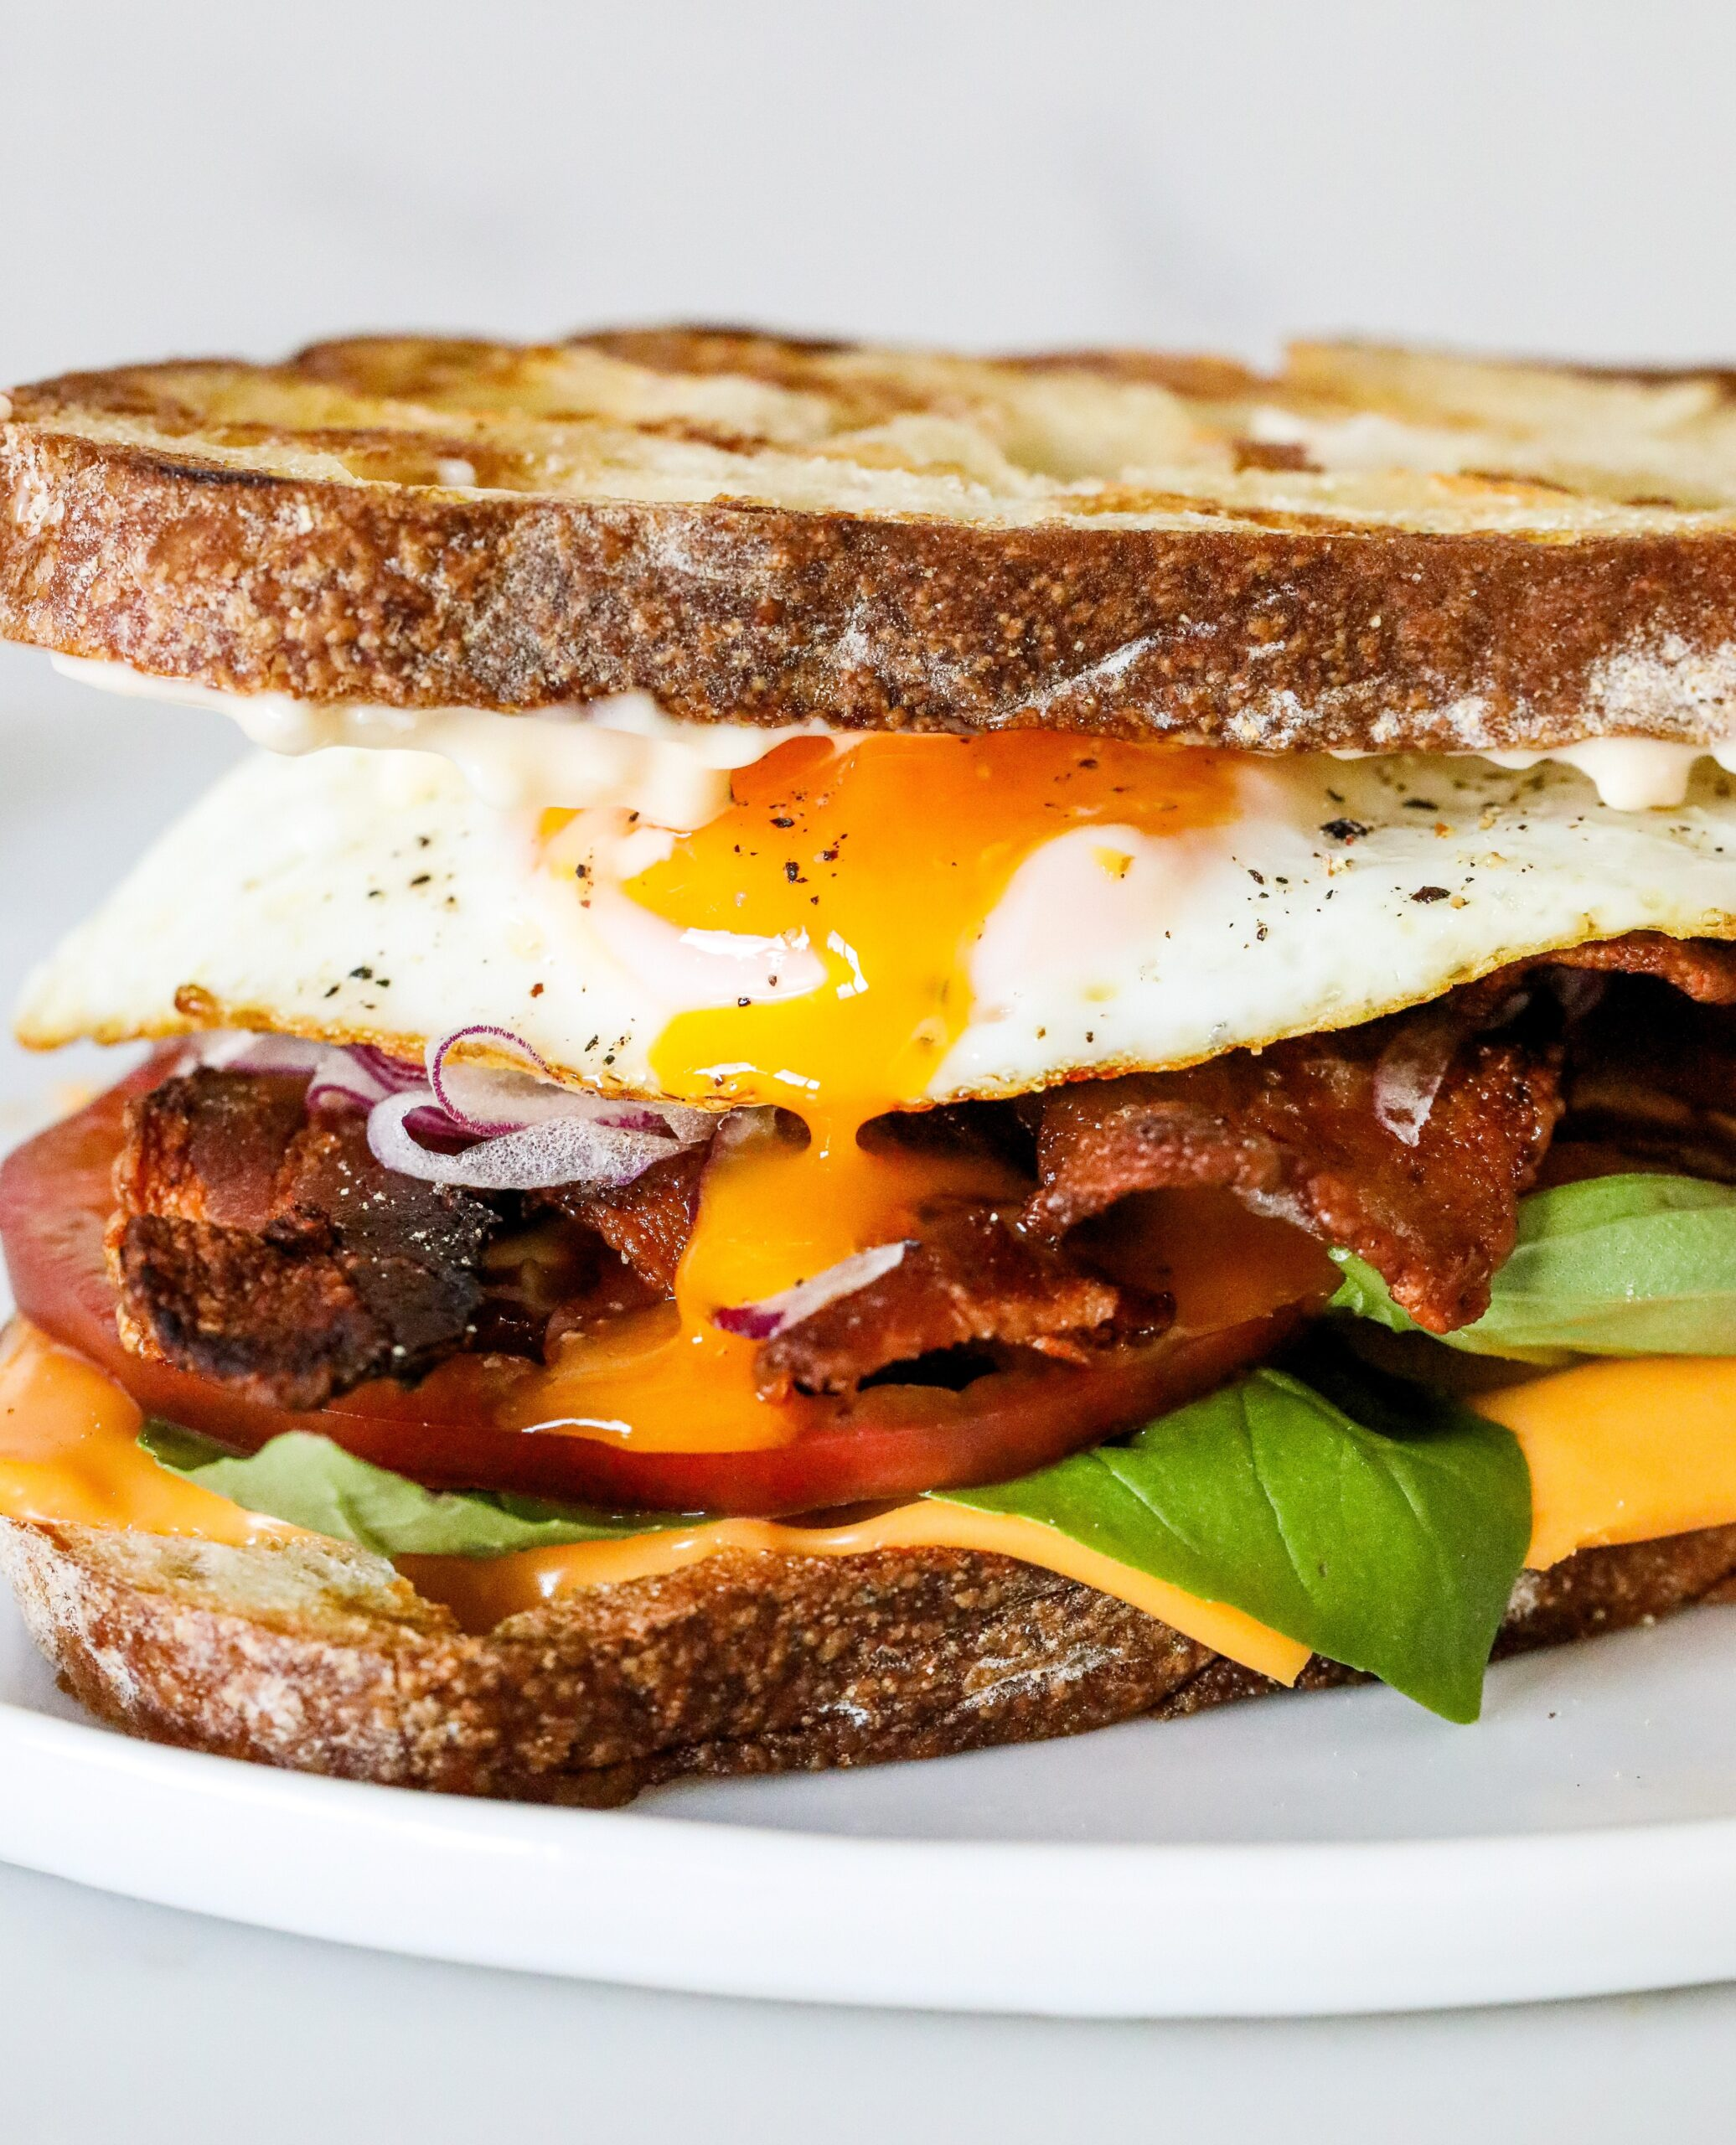 Fried Egg Breakfast Sandwich